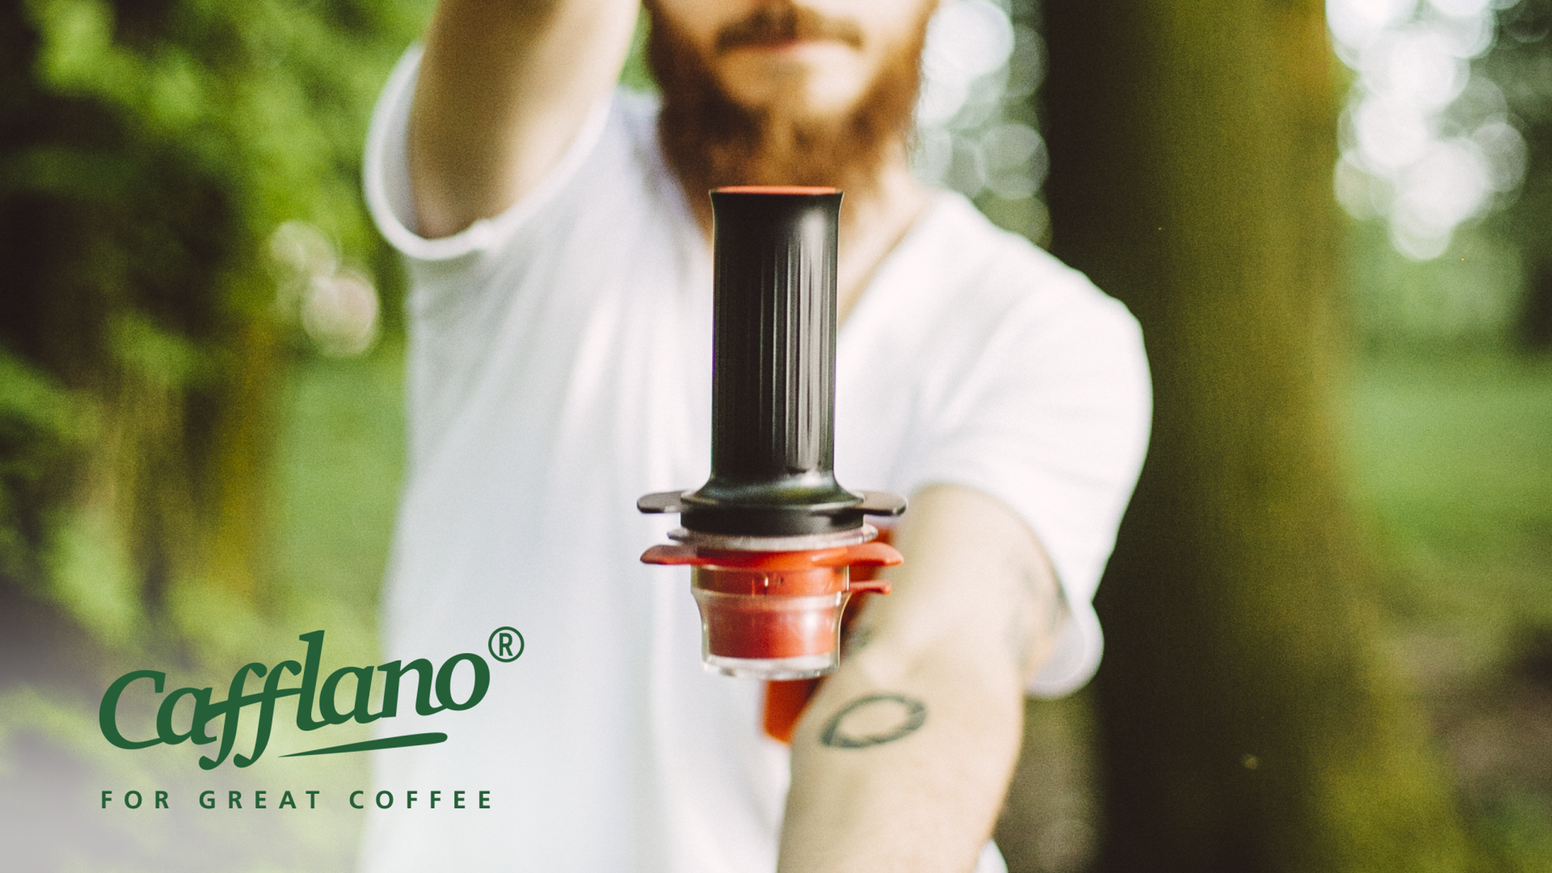 Cafflano Kompresso Espresso maker, Commercial espresso